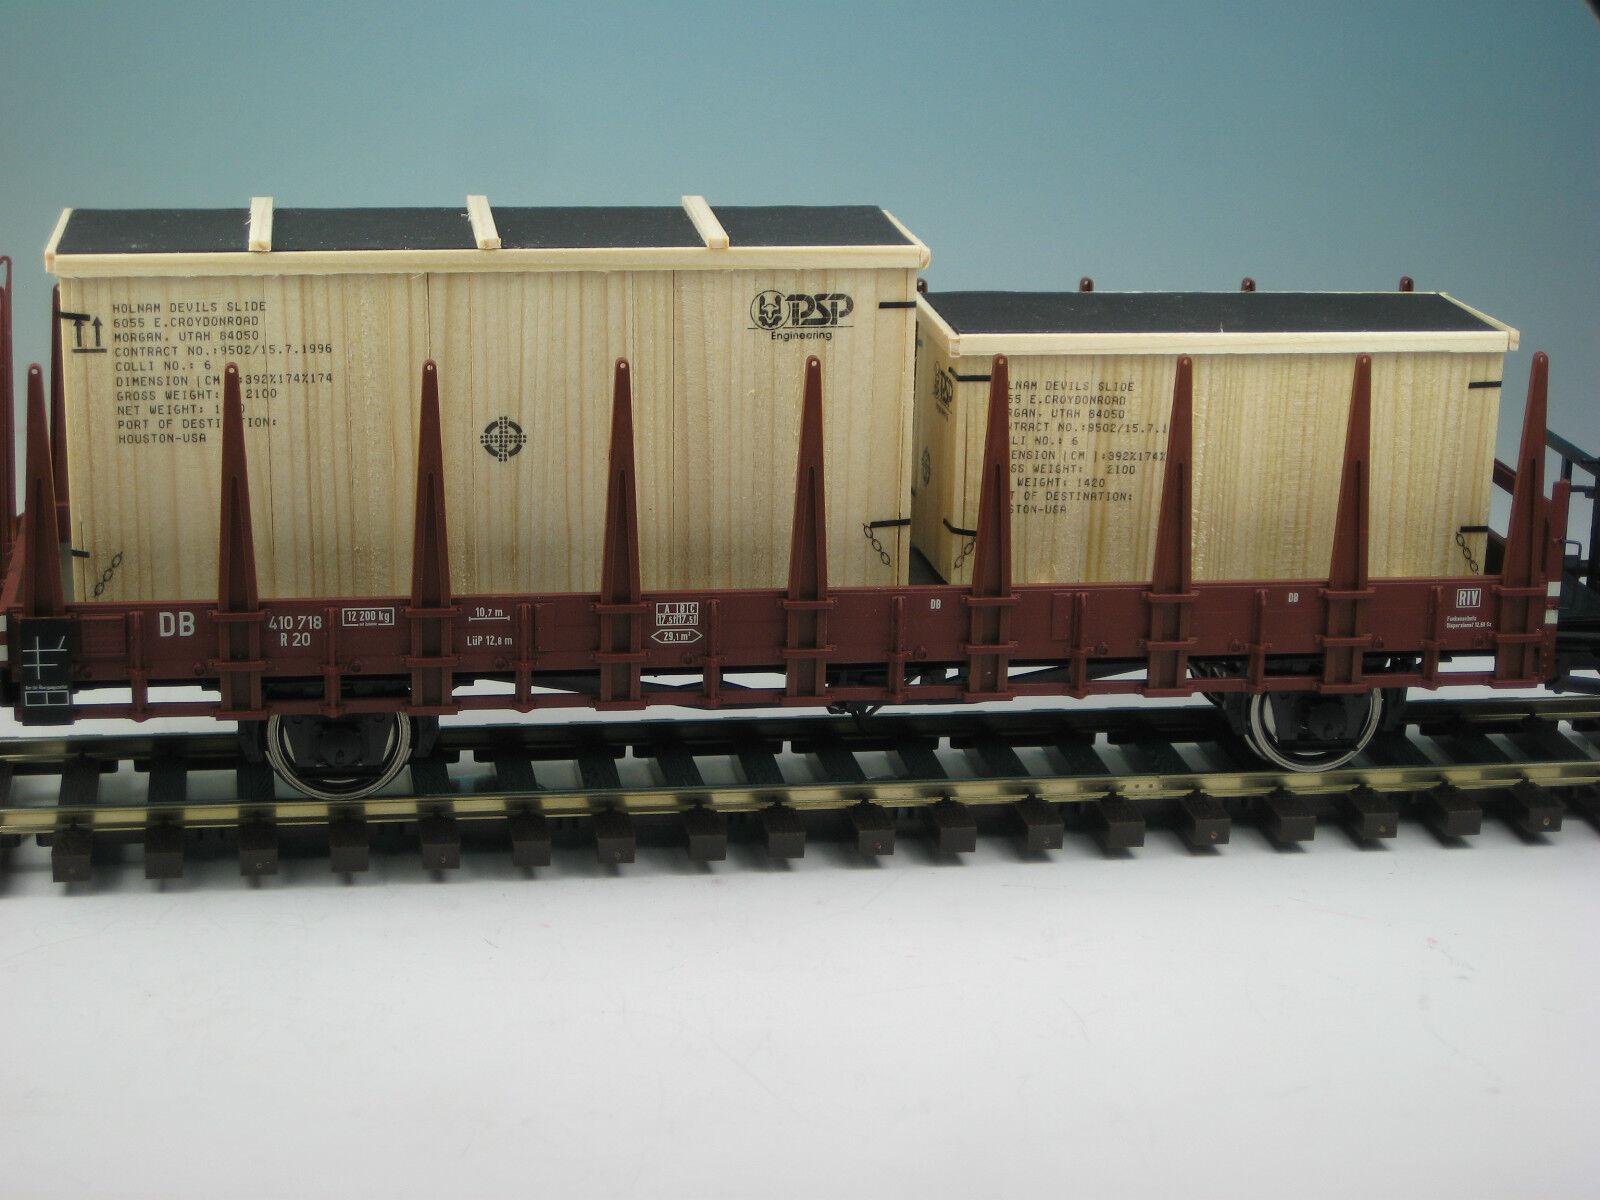 DUHA 18284 - 2 Transportkisten  PSP  - Handarbeit im Maßstab 1 43   Spur 0